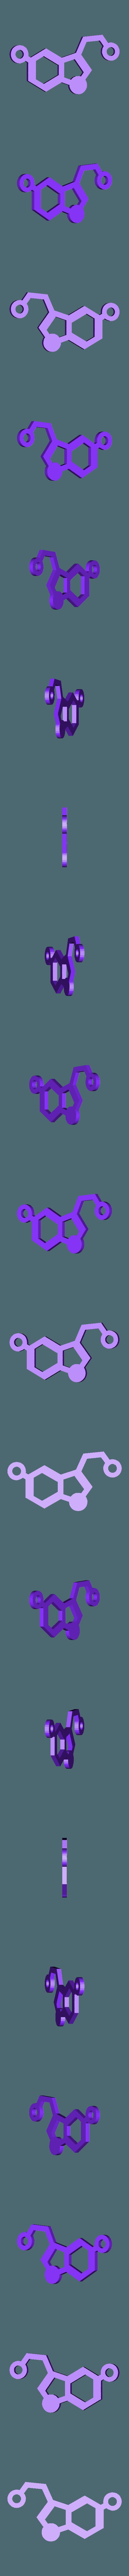 serotonina.STL Télécharger fichier STL gratuit sérotonine • Objet pour imprimante 3D, sergioinglese